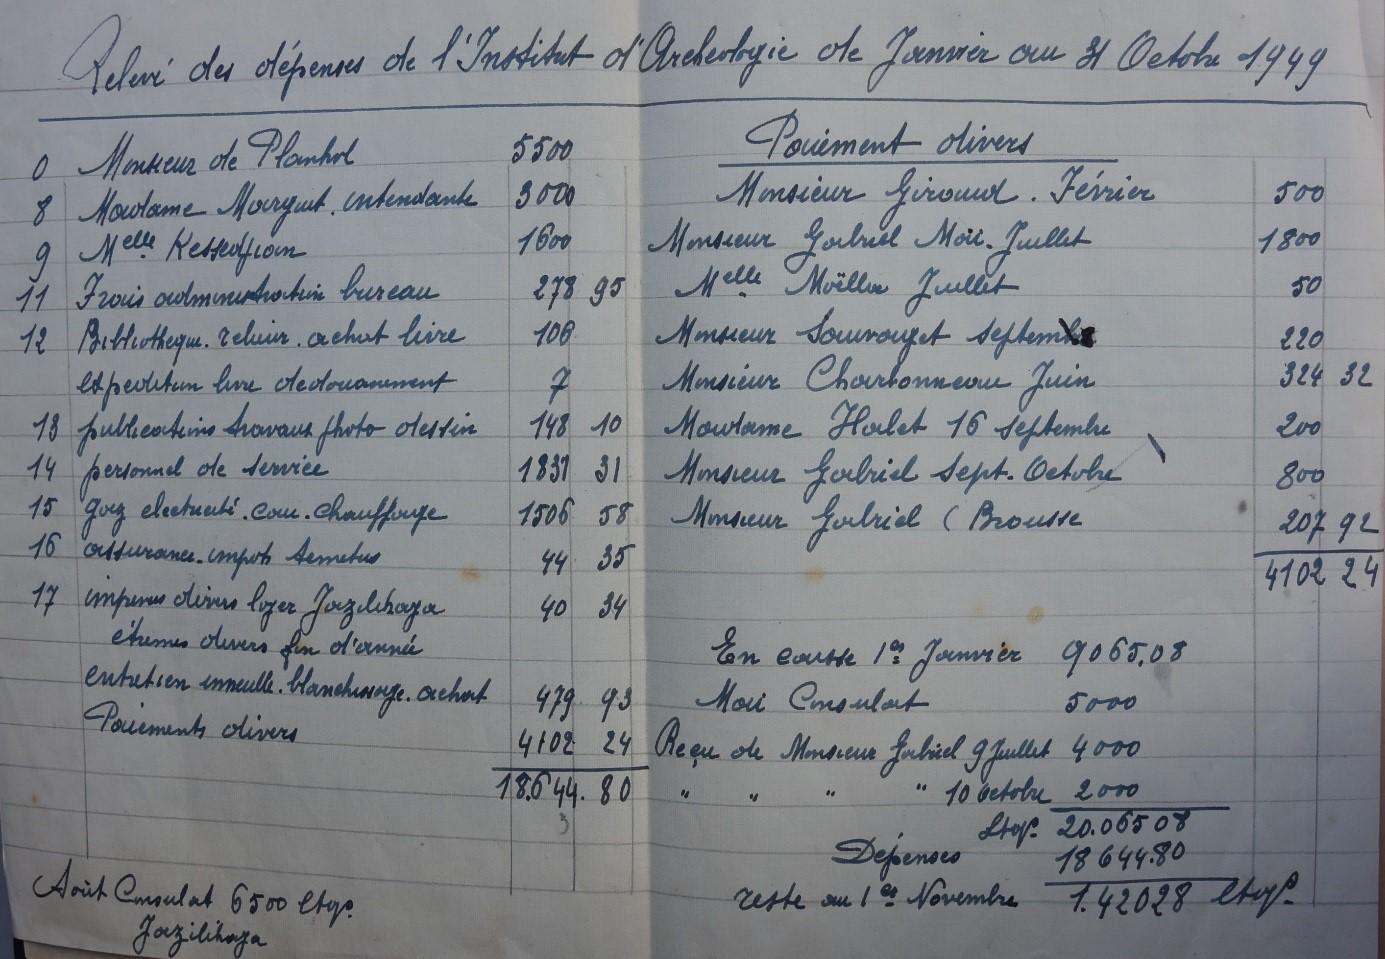 « Relevé des dépenses » …. Janvier 1949-octobre 1949 (source : archives IFEA, Dossier 12)